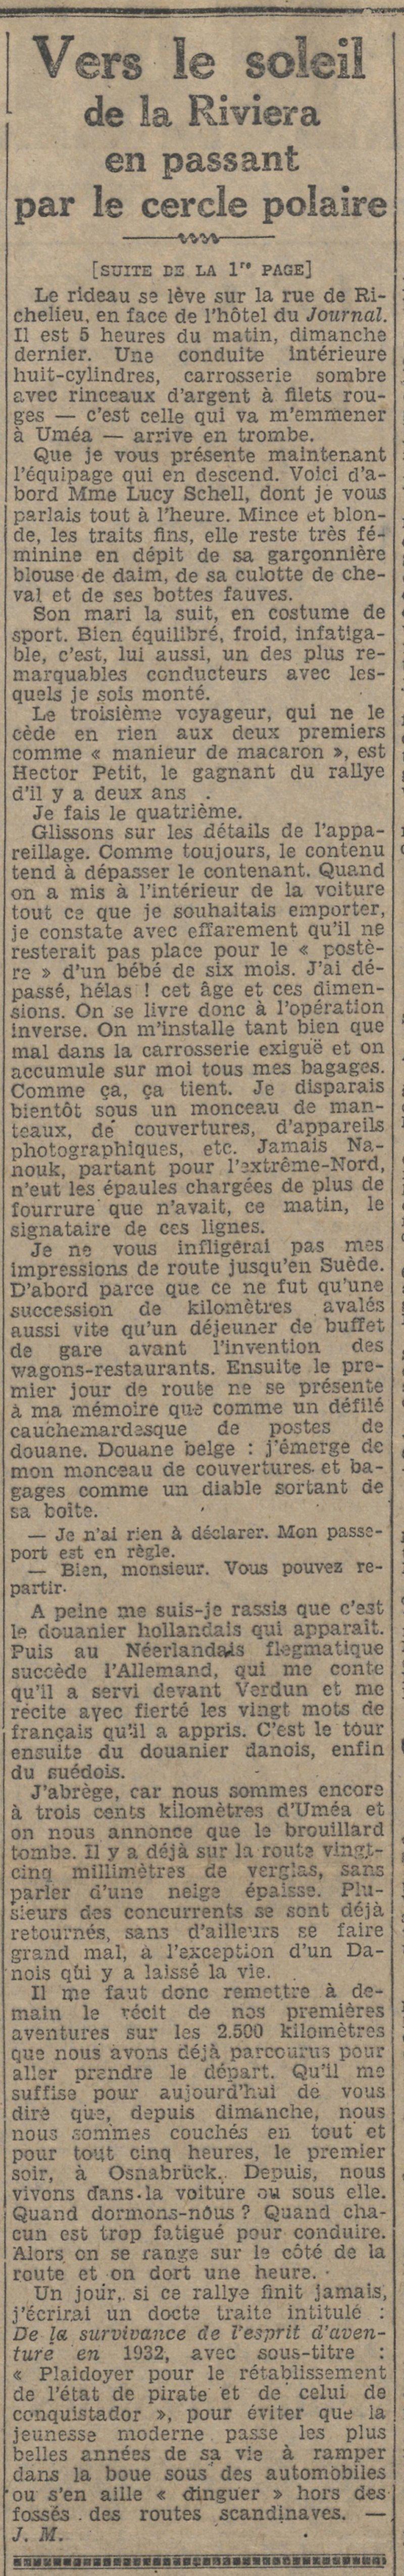 Un pilote Licorne : HECTOR PETIT - Page 2 Le_jou81